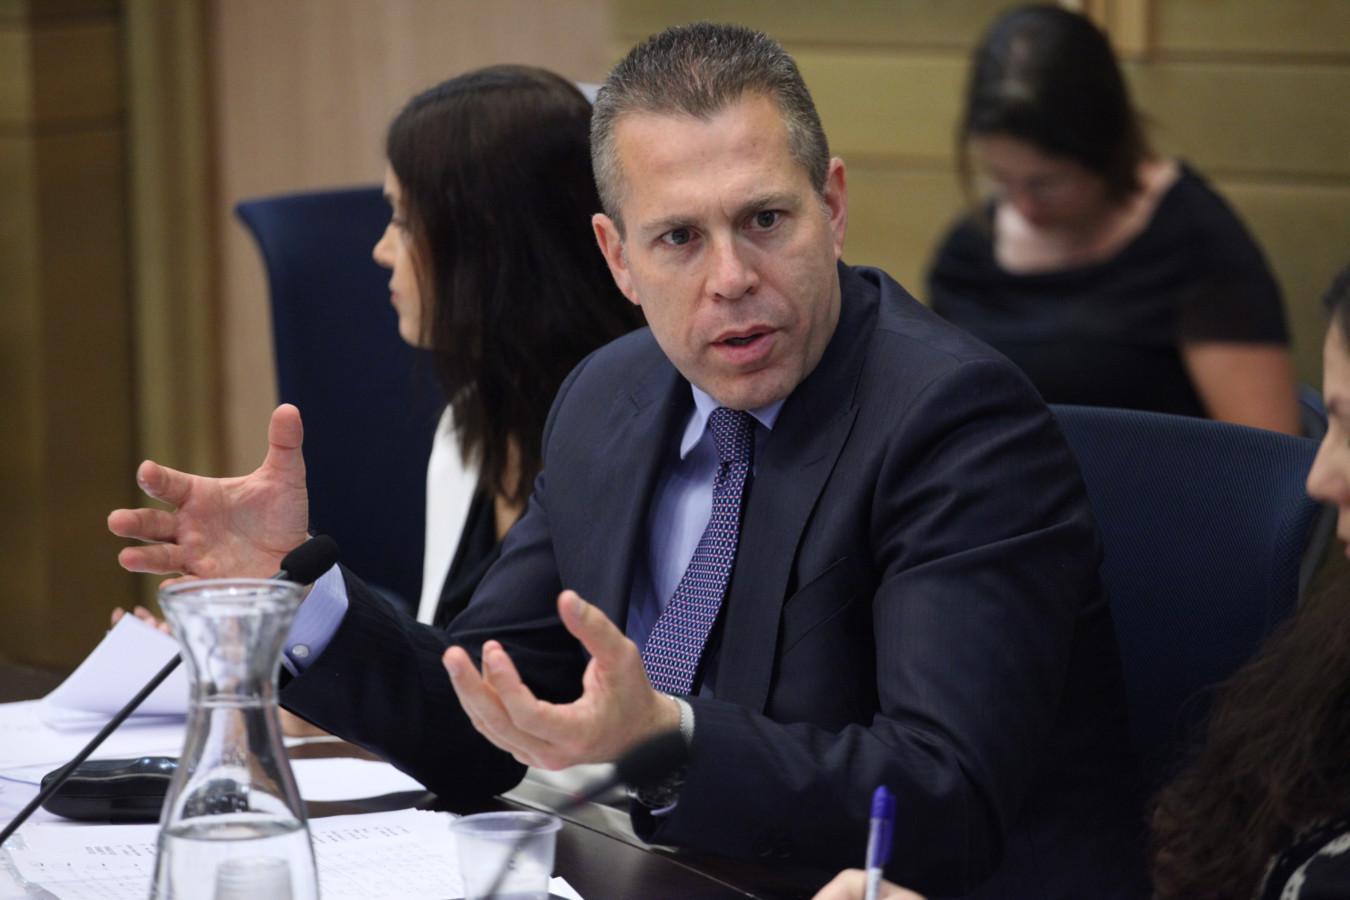 تعيين غلعاد إردان وزيرا للداخلية الإسرائيلية